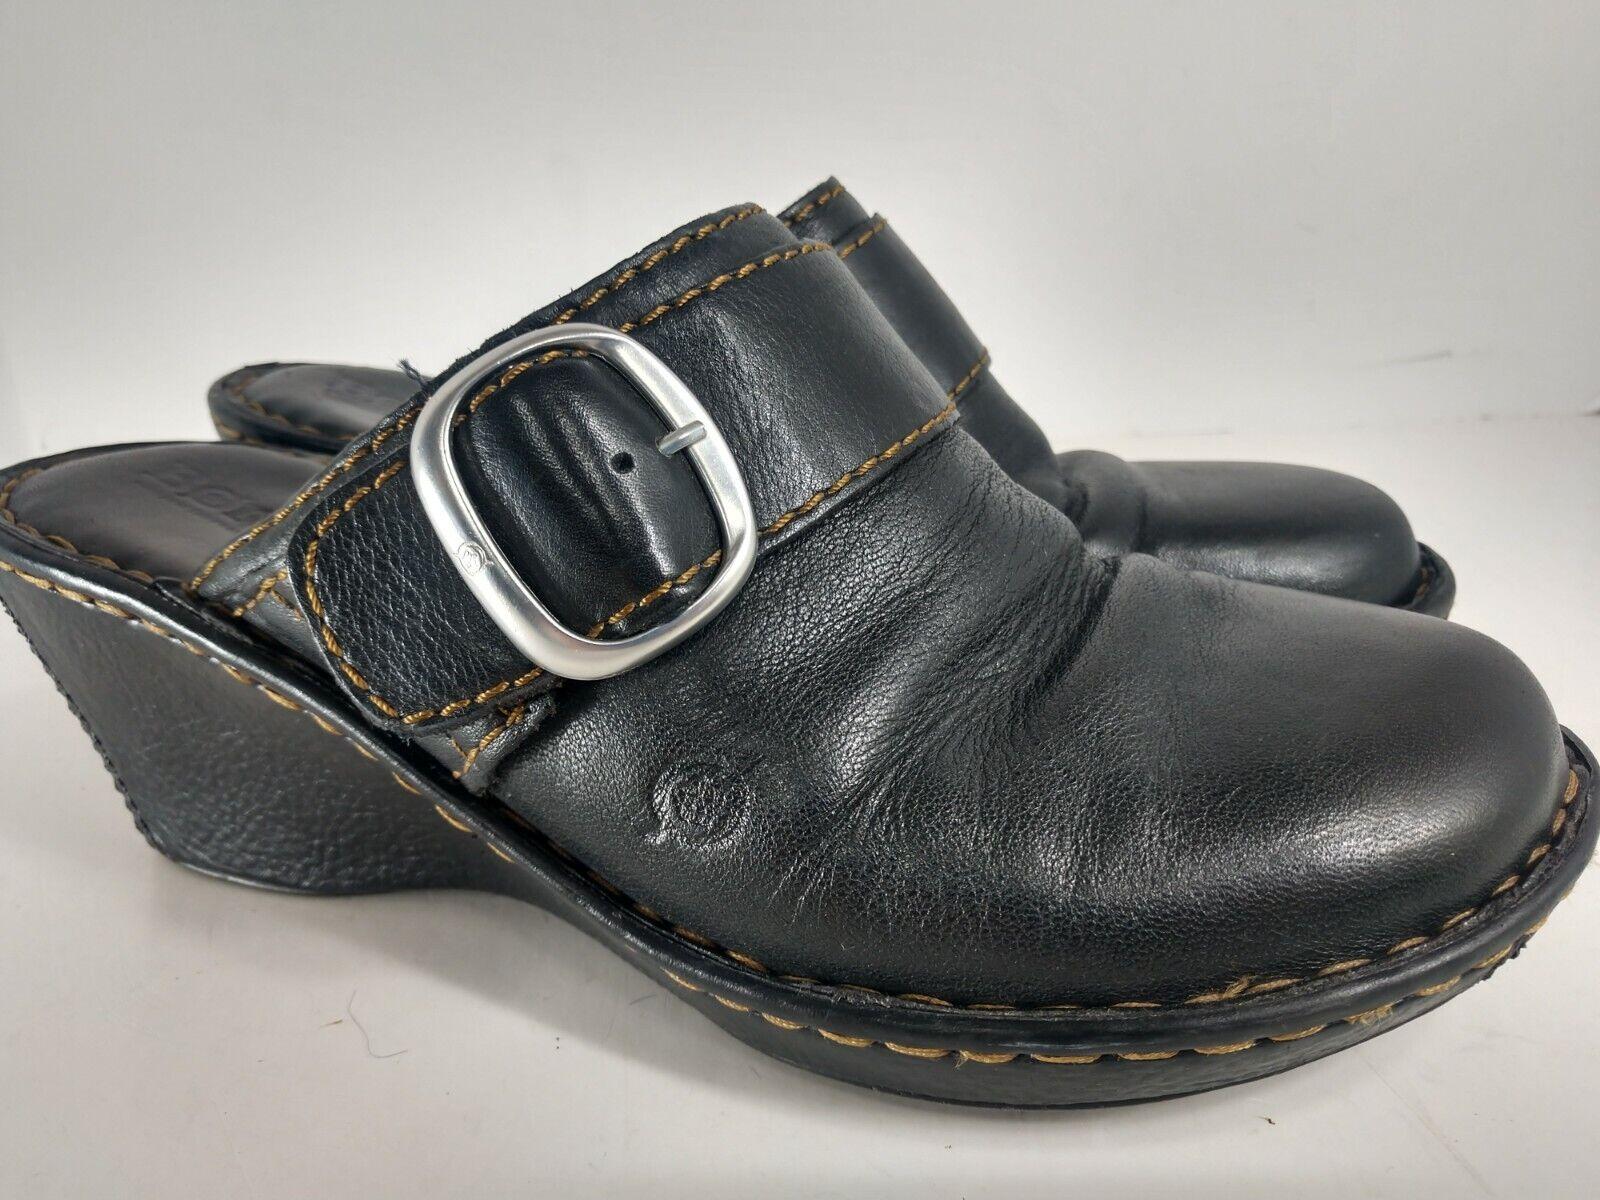 Born Concept Black Leather Slides Mules Clogs - Women's Size 10 US